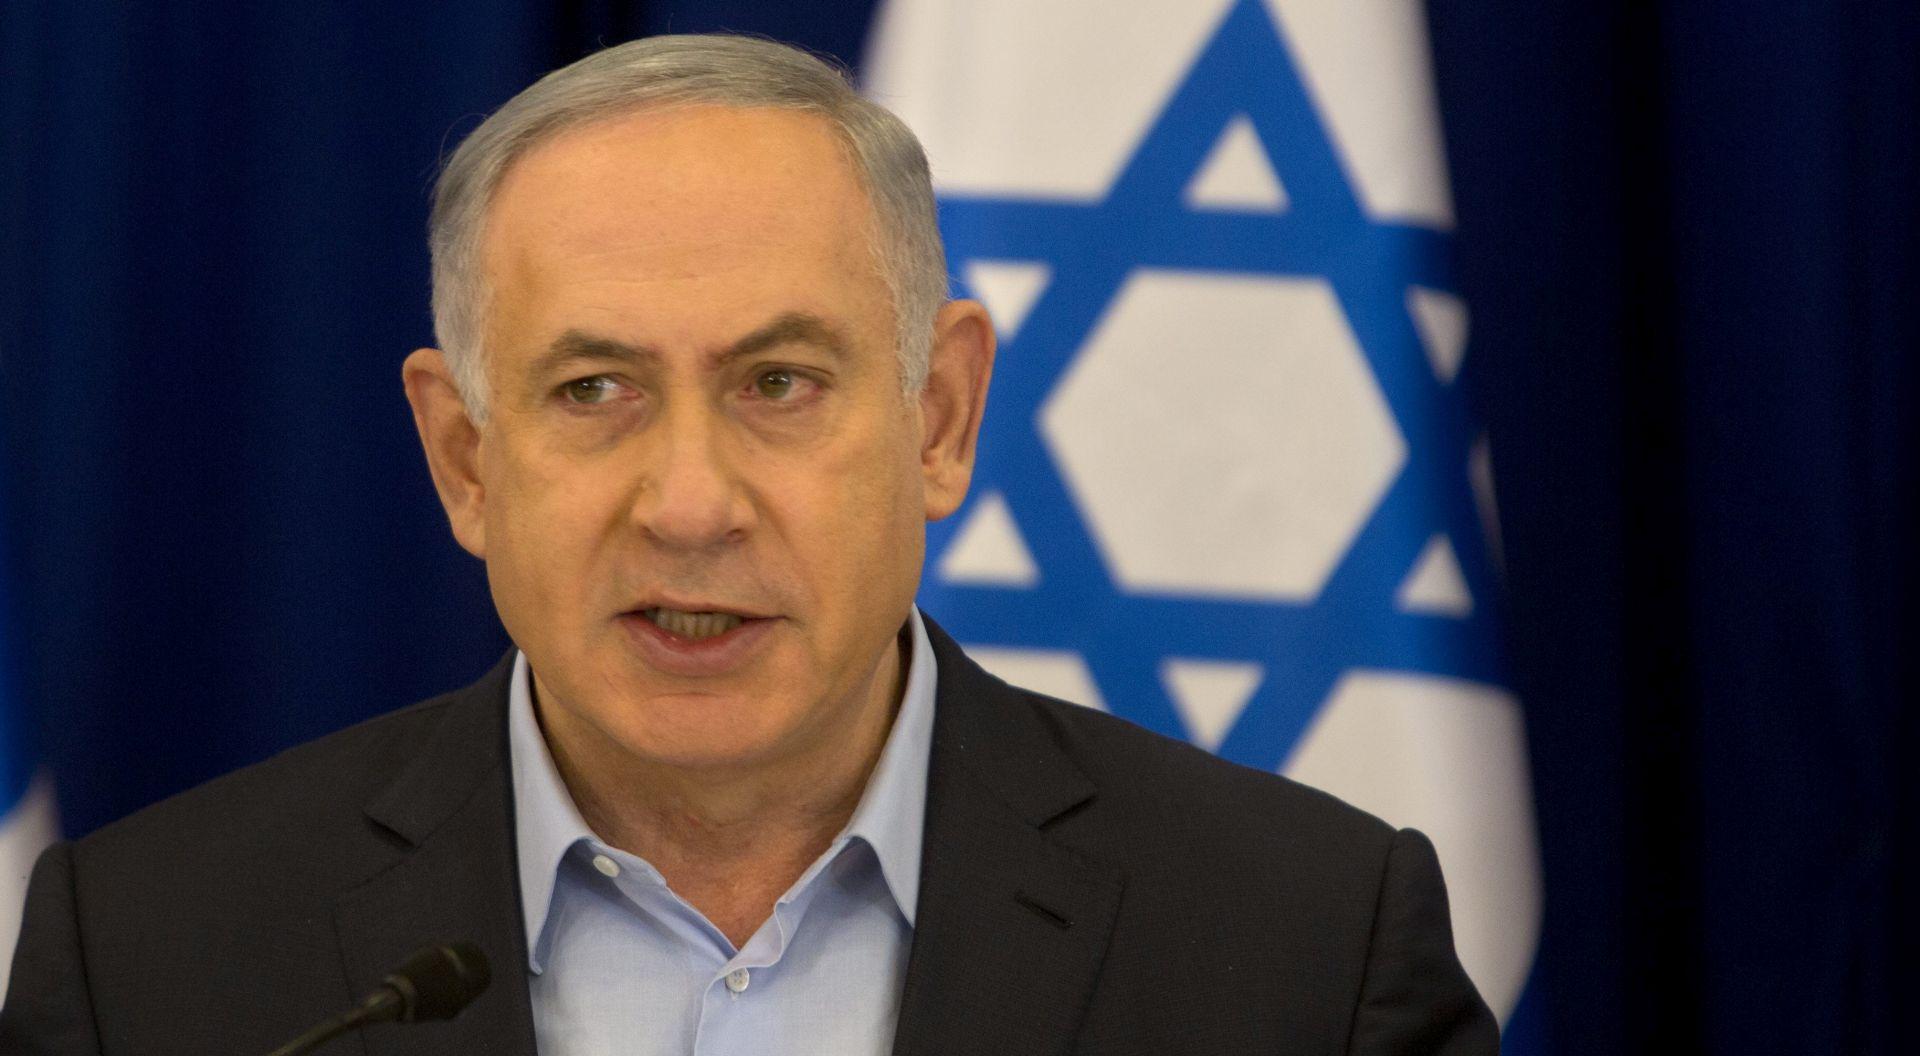 Netanyahu kaže da će okupirani Golan zauvijek ostati izraelski